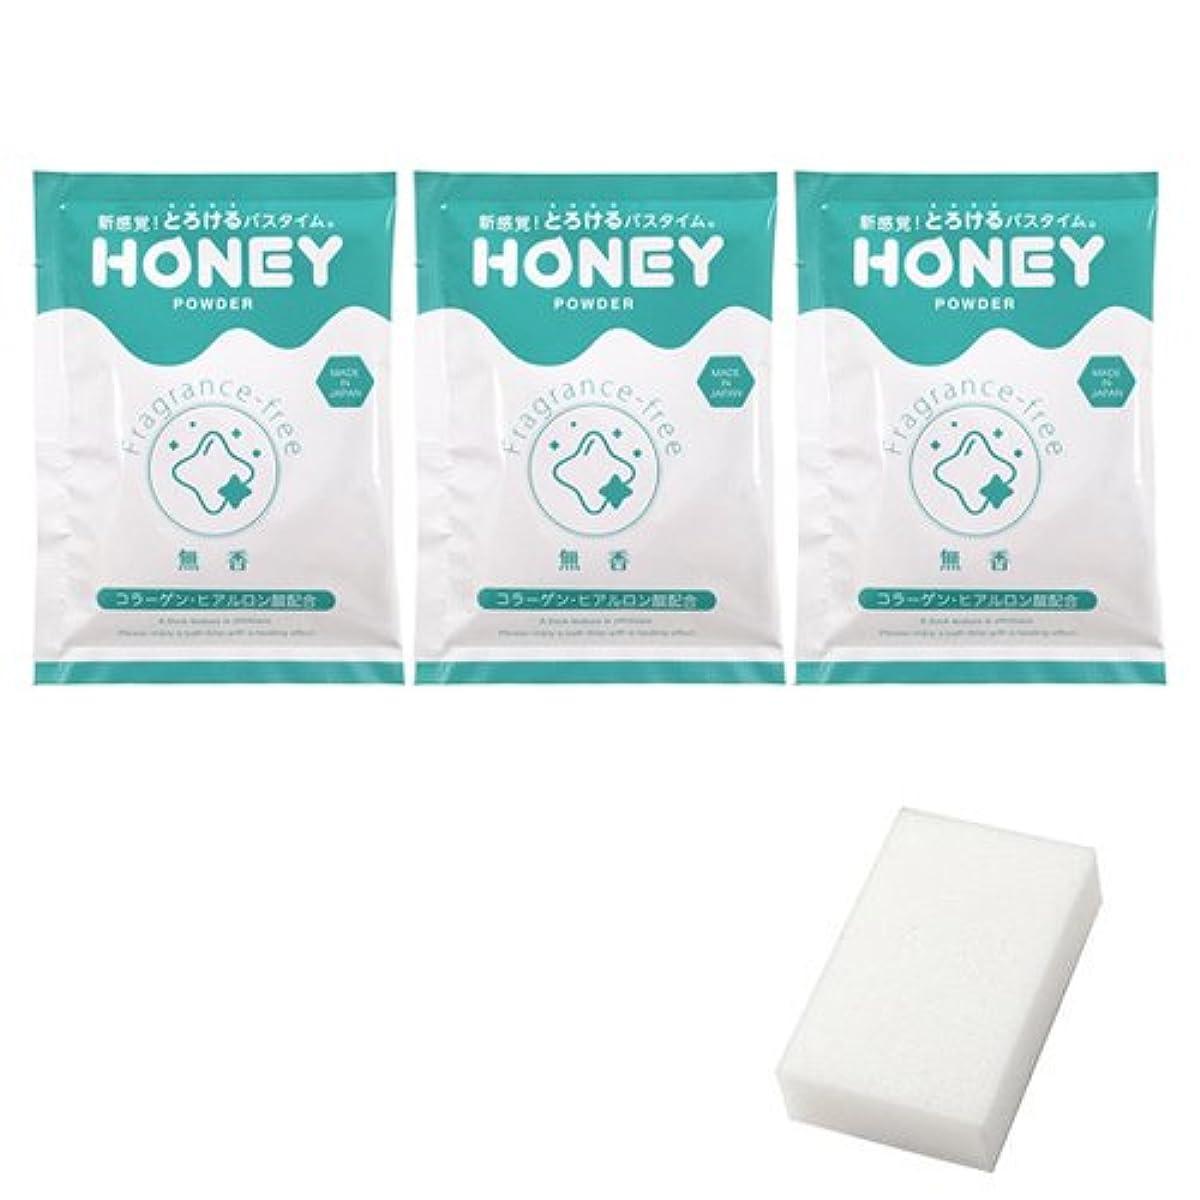 感動する補体ハイキングとろとろ入浴剤【honey powder】(ハニーパウダー) 無香タイプ 3個セット + 圧縮スポンジセット